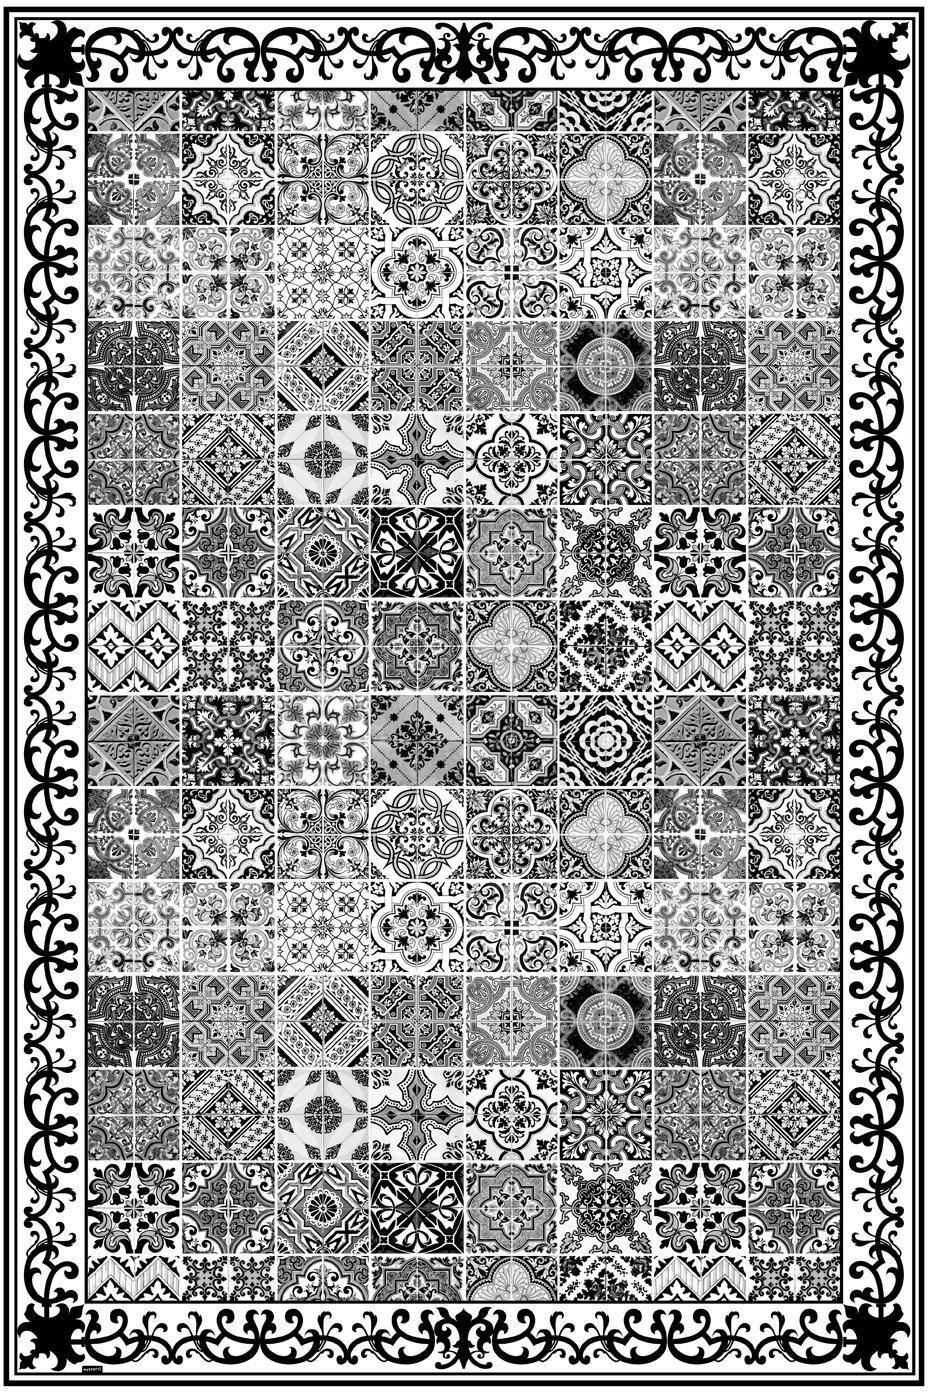 Tappetino in vinile Olè, Vinile riciclabile, Nero, bianco, grigio, Larg. 136 x Lung. 203 cm